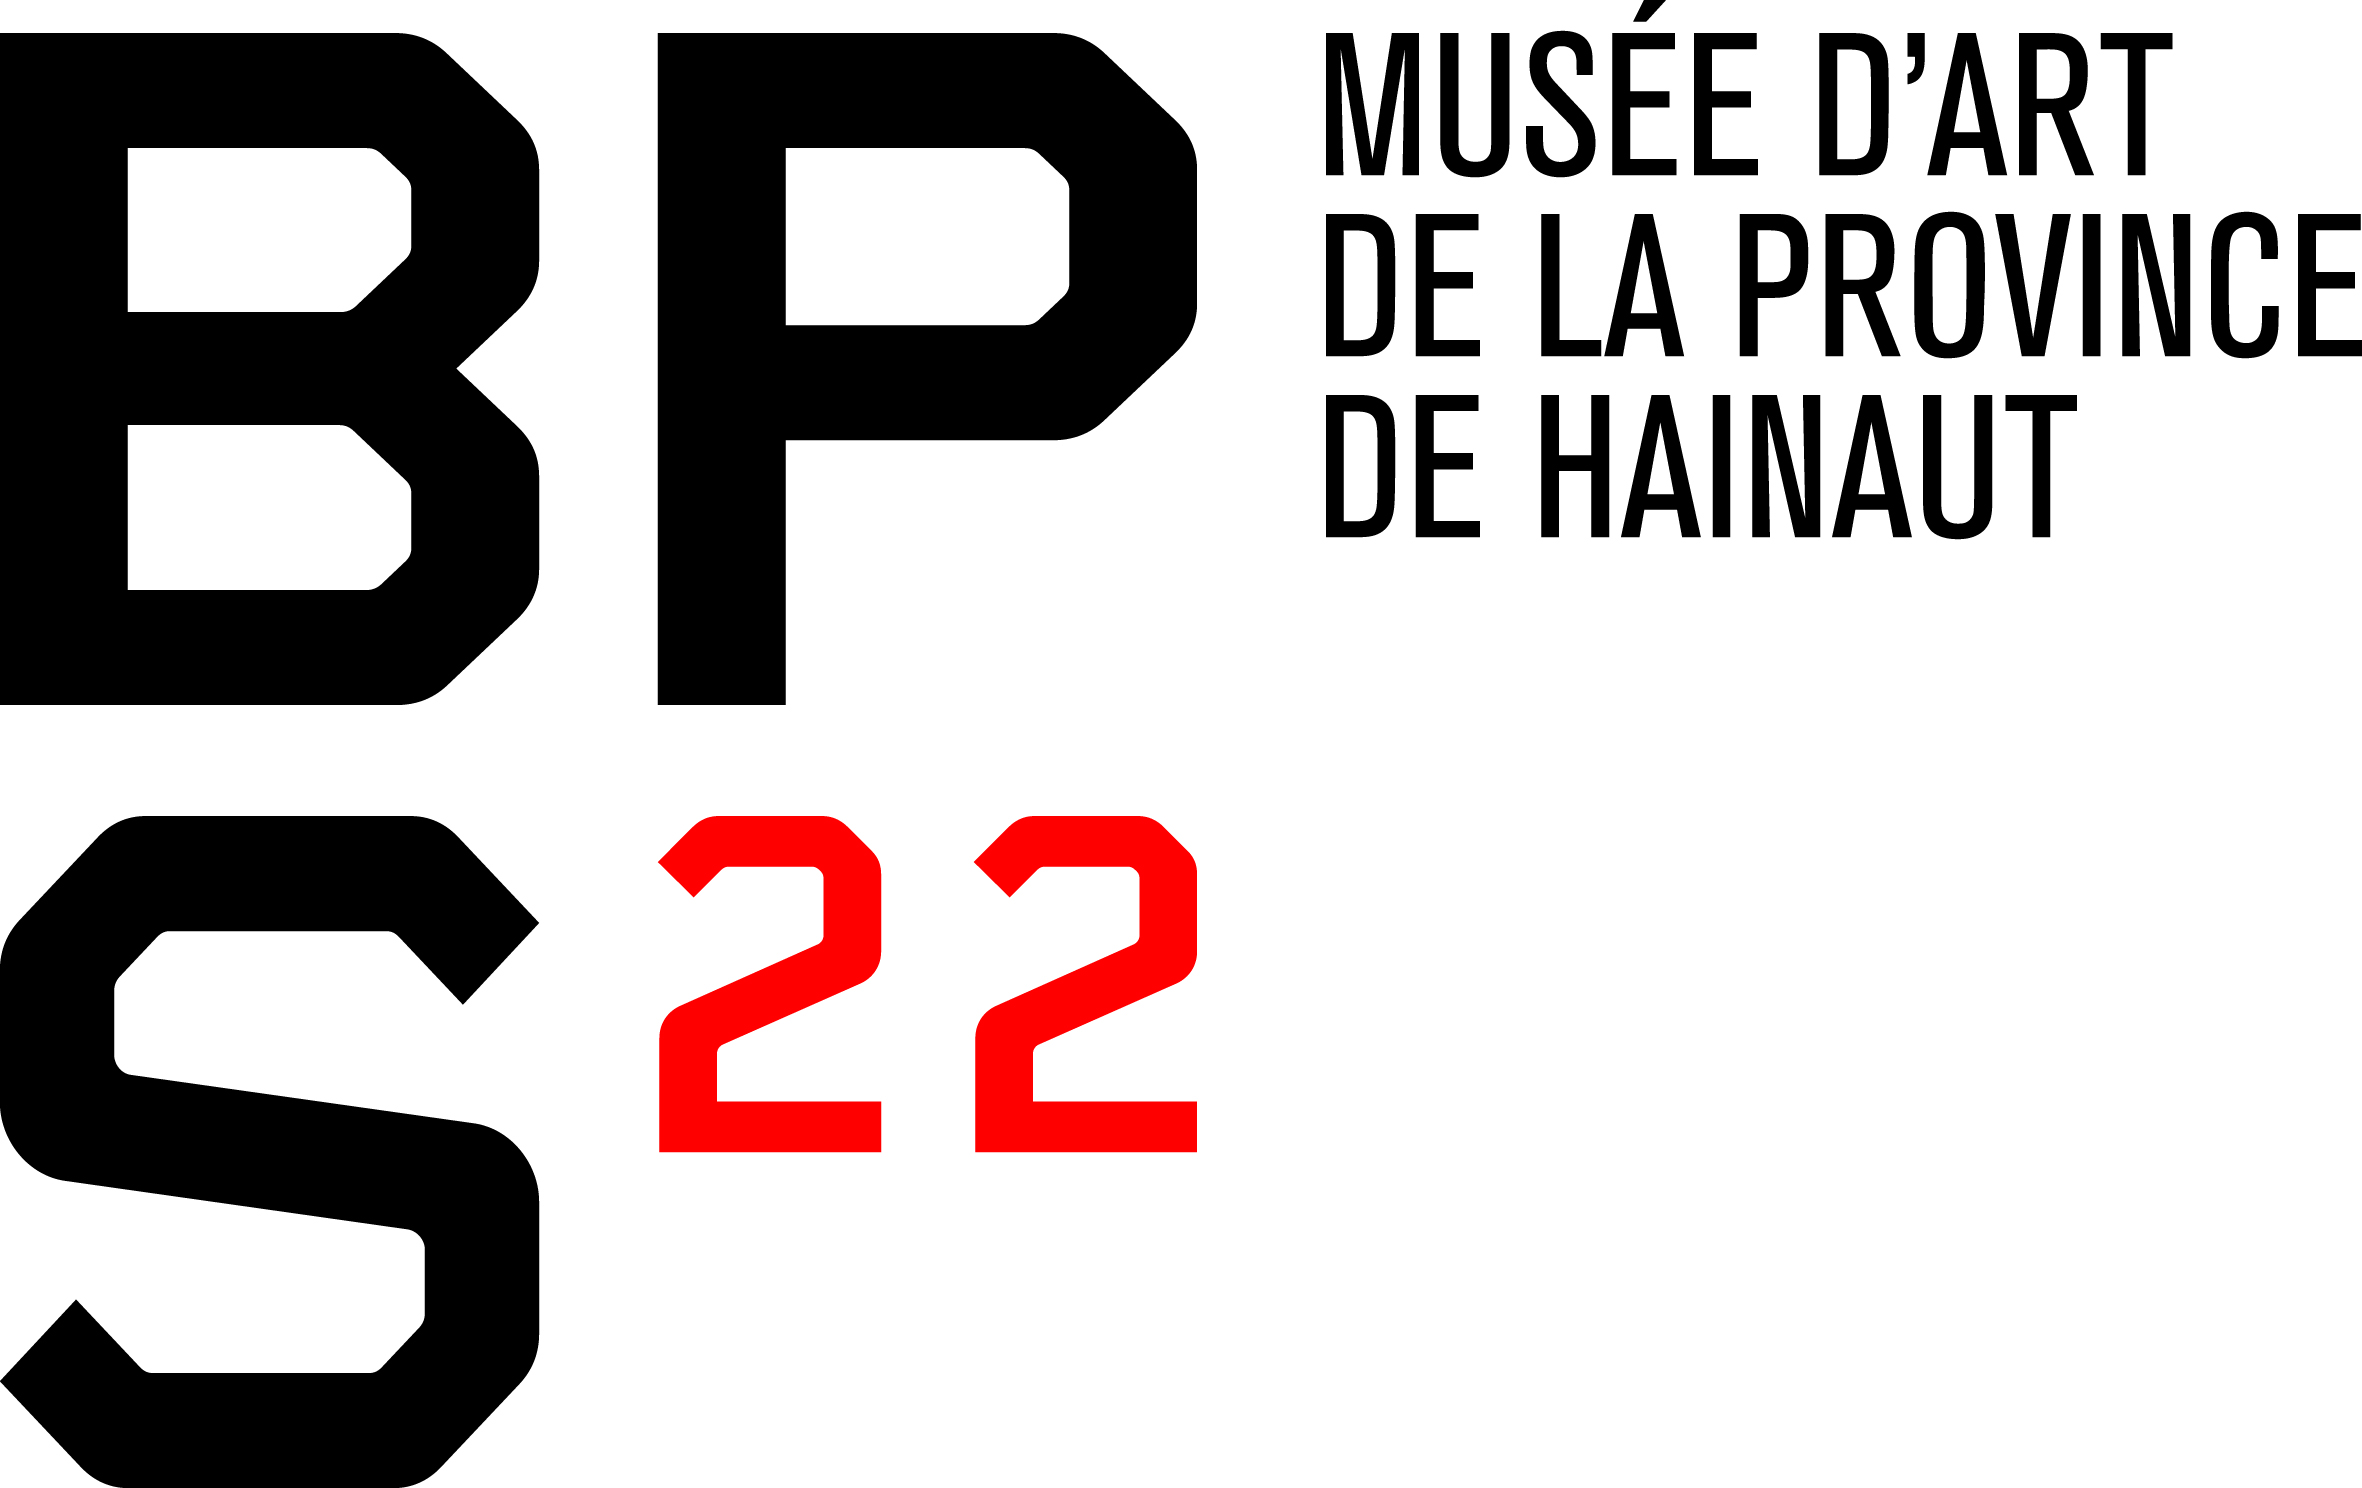 BPS22 Musée d'art de la Province de Hainaut